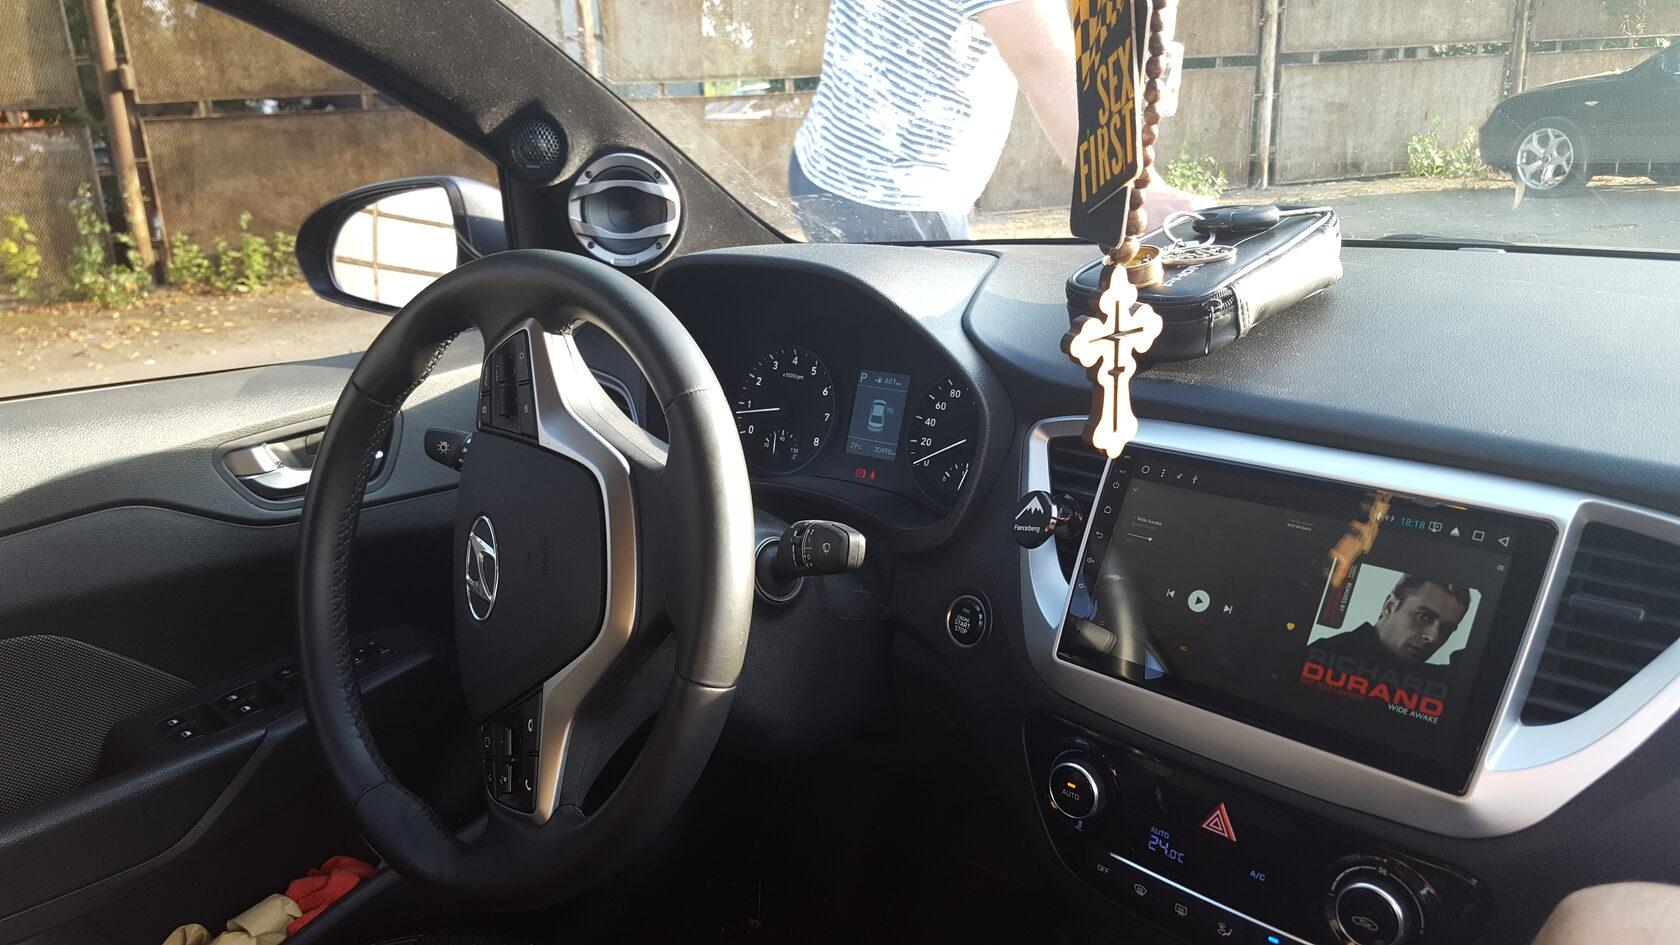 хендай солярис 2 тюнинг автозвук